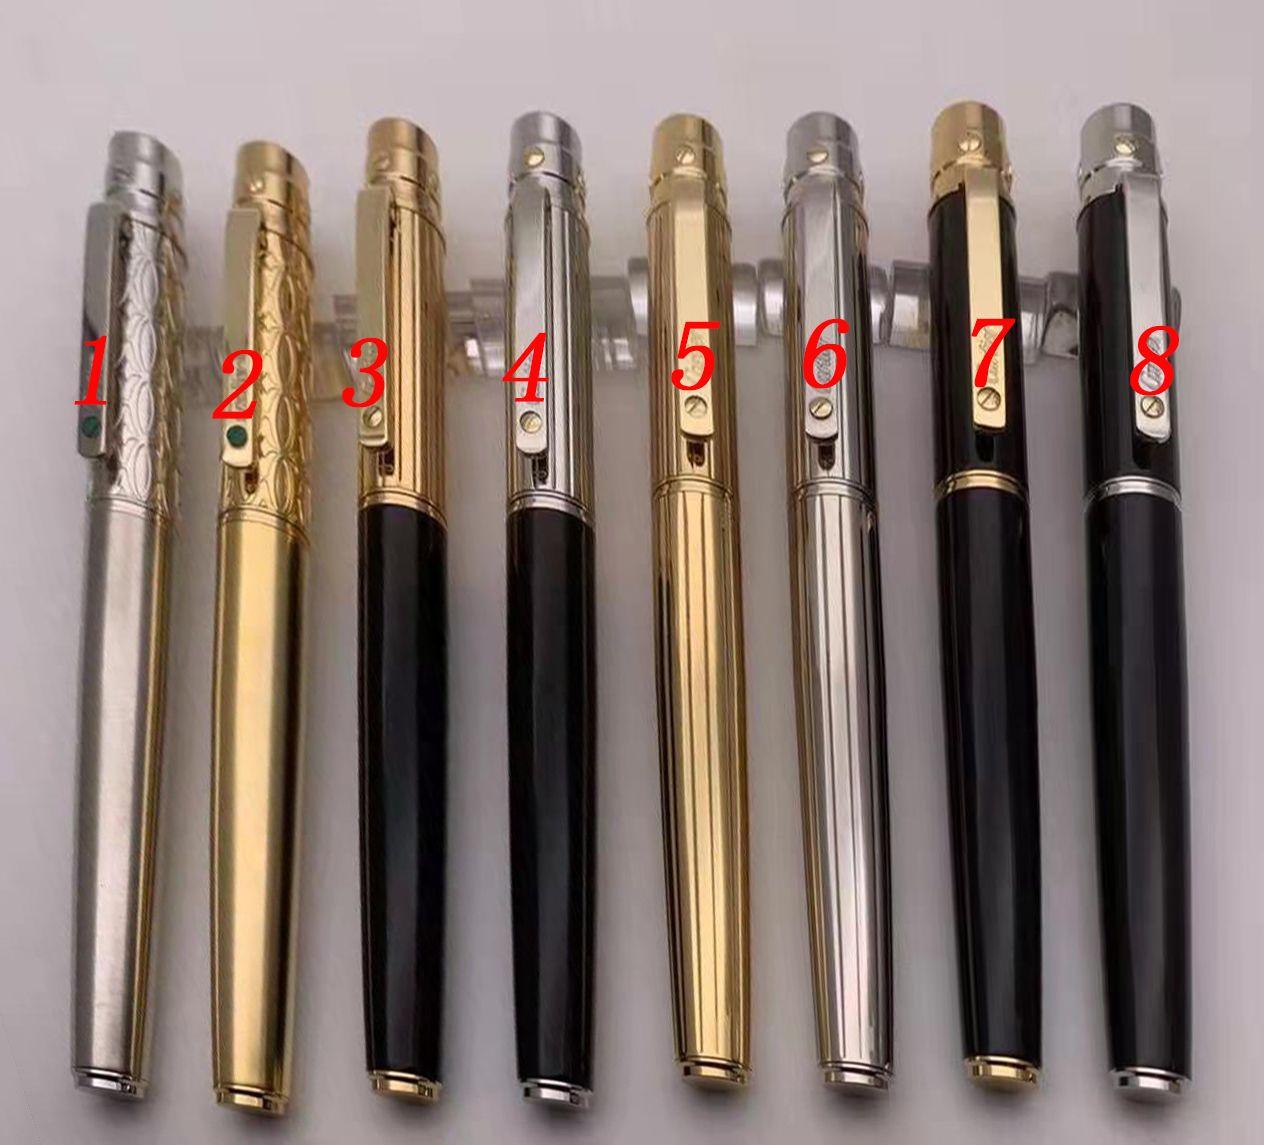 5A Highs Quality High Fin Business Signature Pens Metal Relabiling Ballpoint Pen Office de lujo Papelería de papelería Clásico Regalo de Navidad @GiftPen